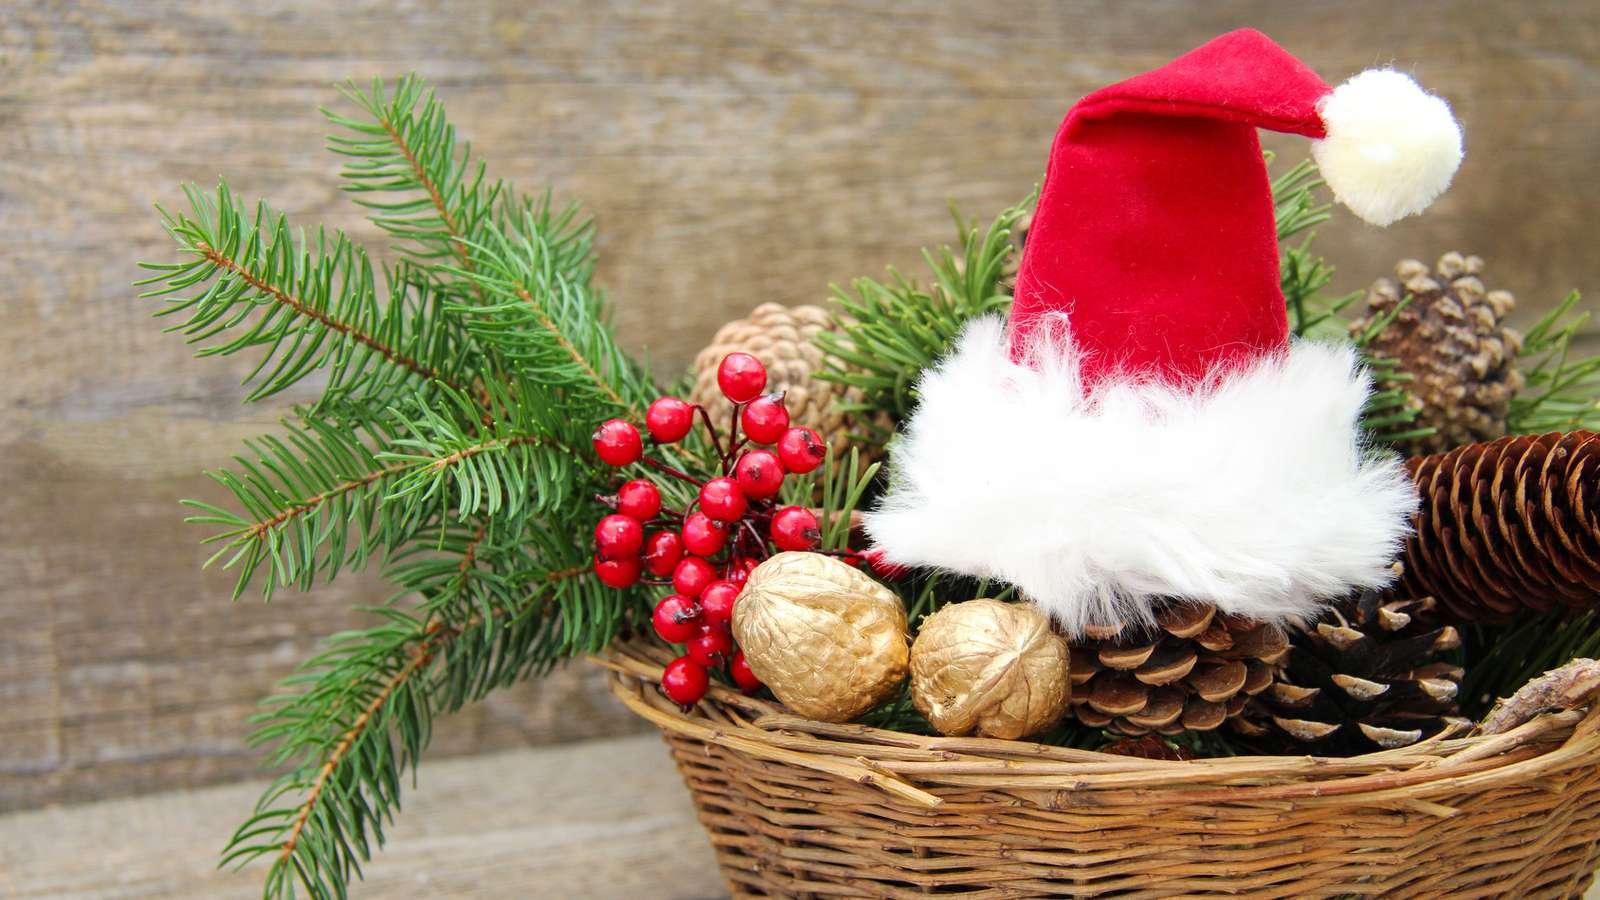 Weihnachtsdeko Günstig Selber Machen.Nachhaltige Weihnachtsdeko Aus Natürlichen Materialien Evidero